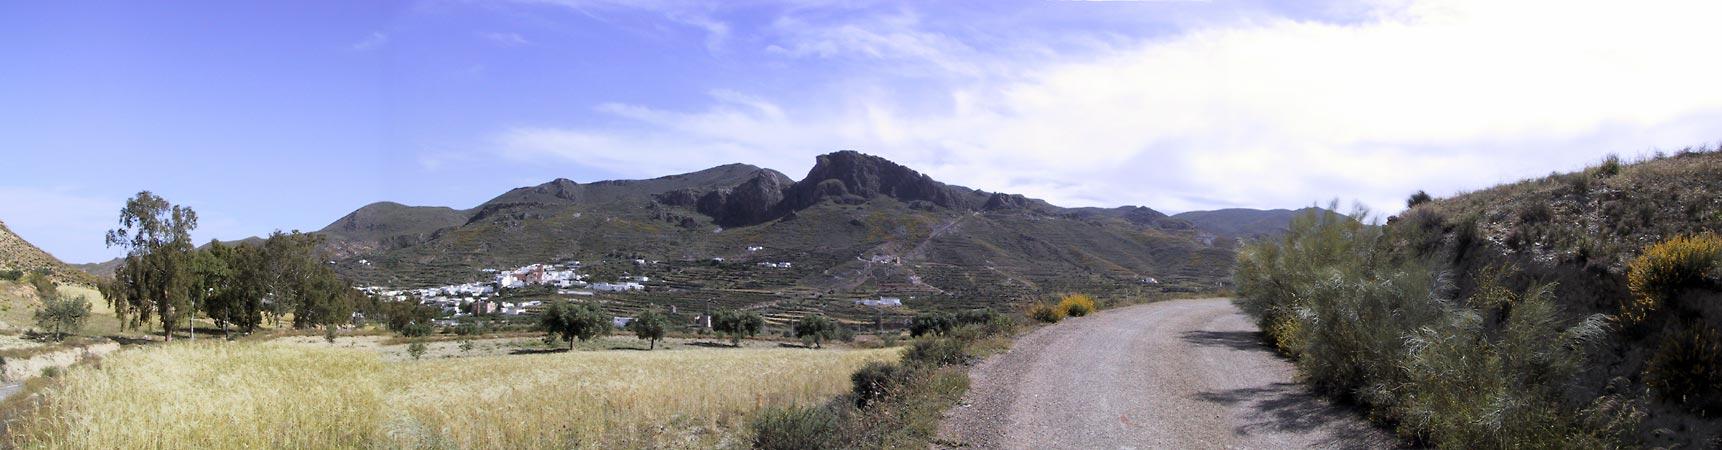 Zwarte bergen, terrassen op de hellingen, en wit stadje onderaan